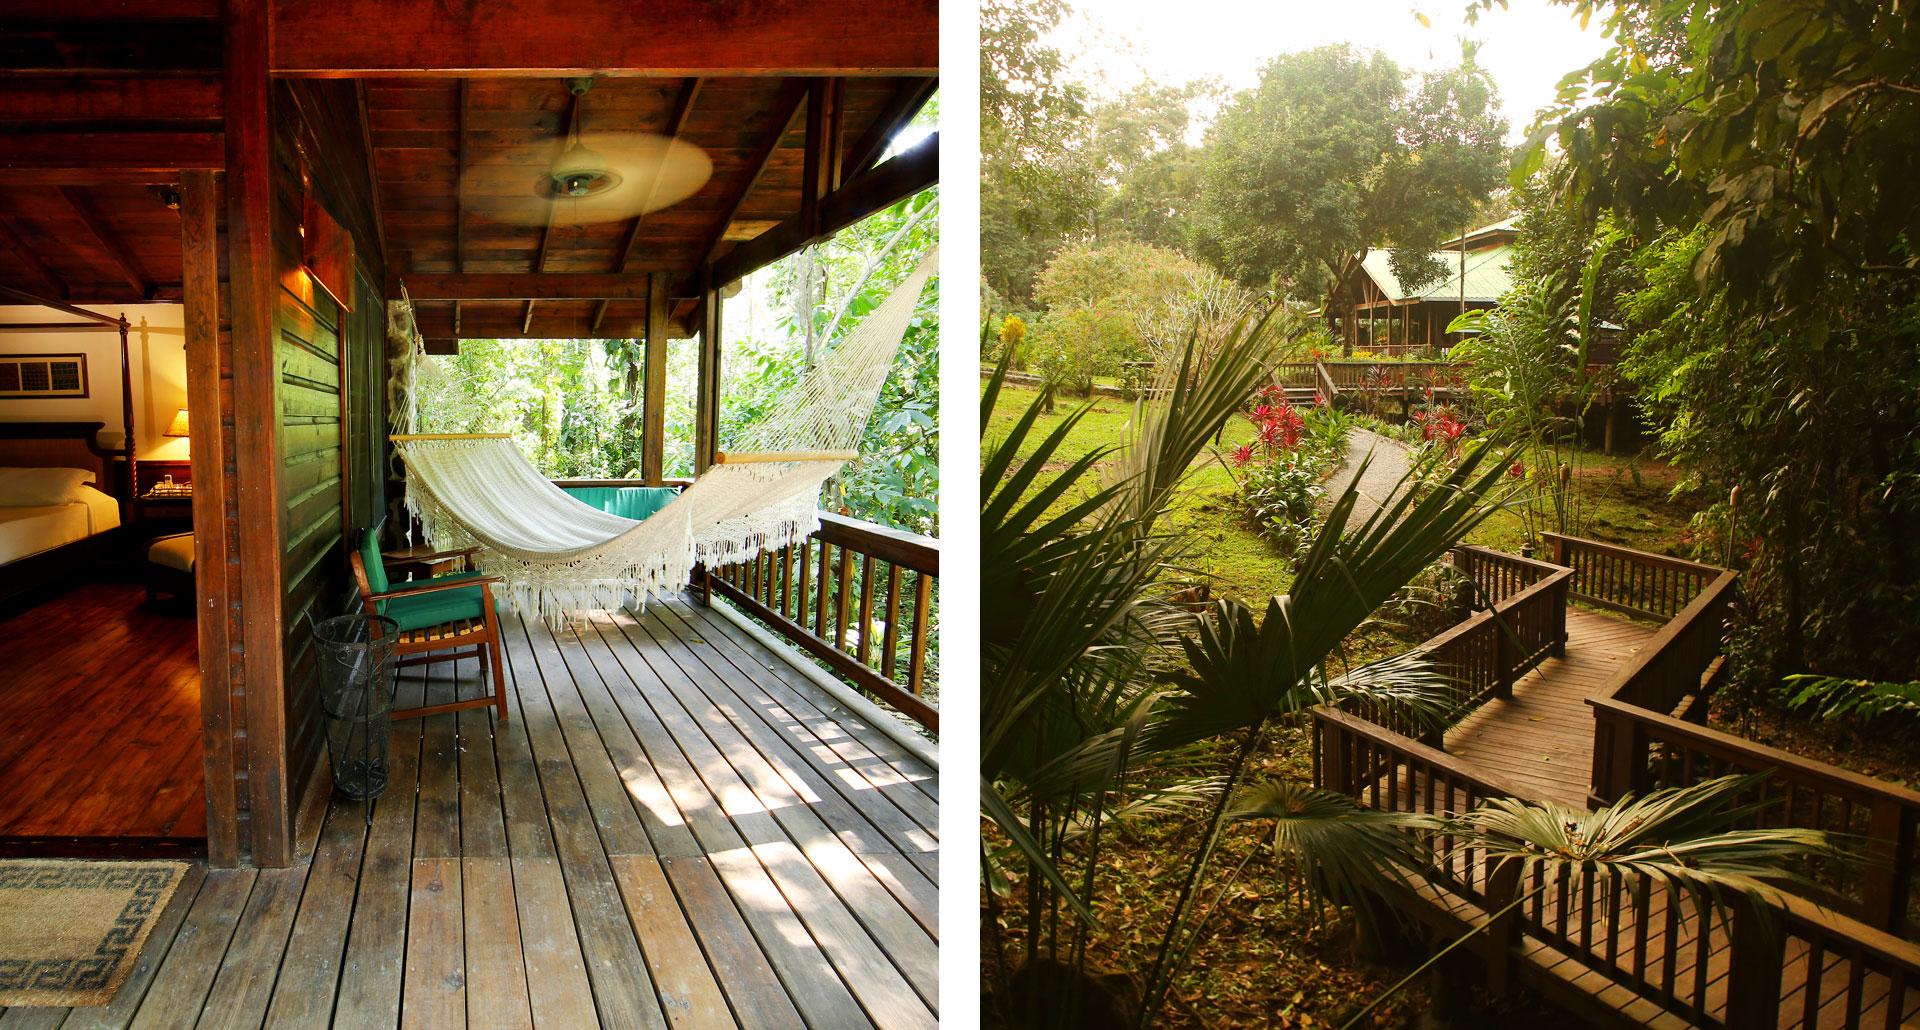 The Lodge at Pico Bonito - boutique hotel in La Ceiba